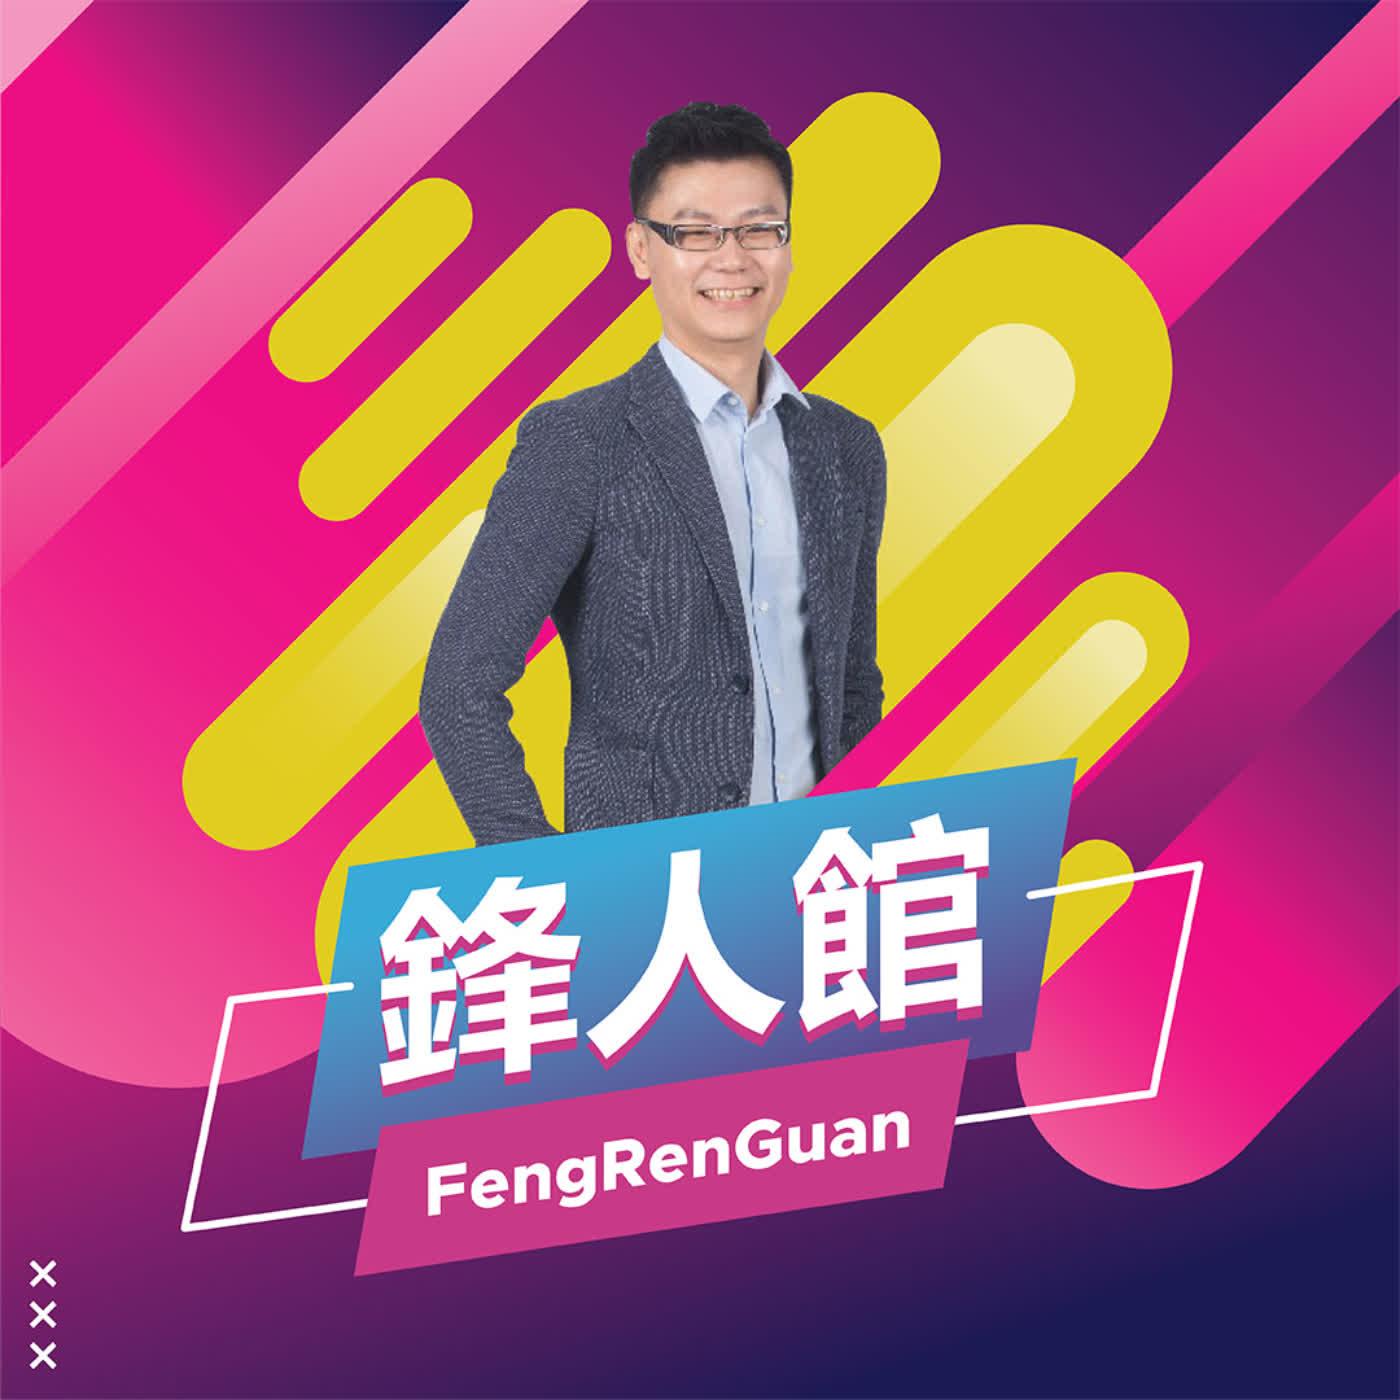 EP. 02 | 馬來政治的三國演義:巫伊土相愛又廝殺?!